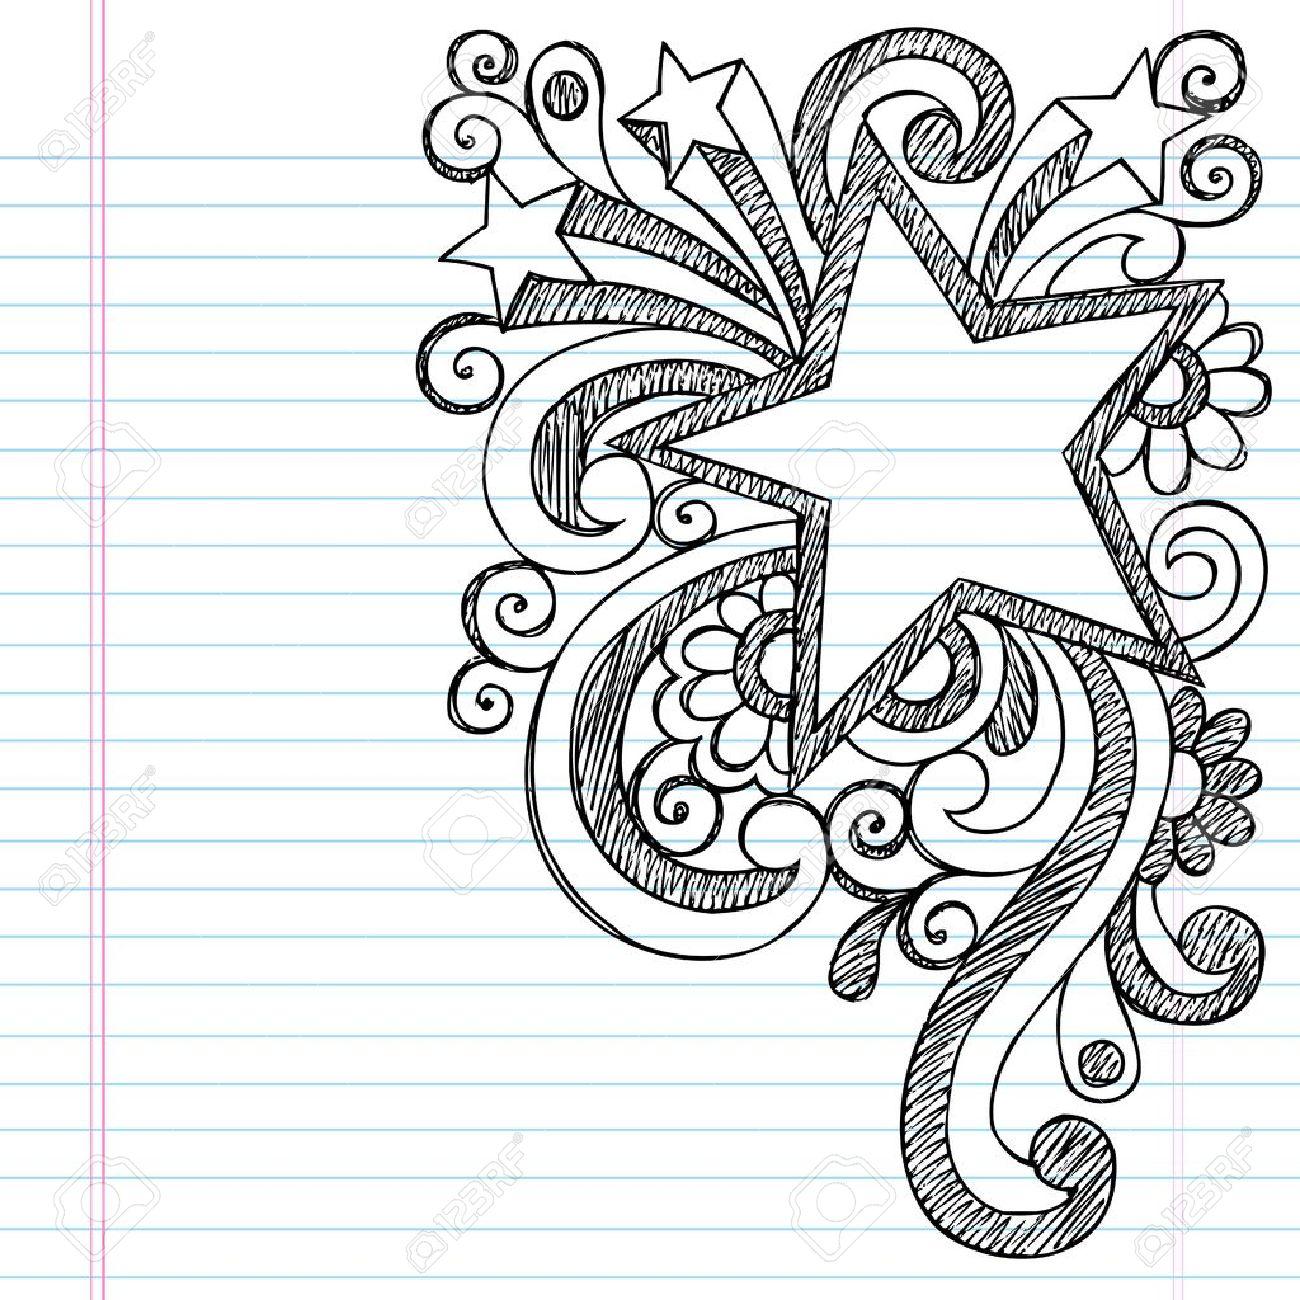 Star Frame Border Back to School Sketchy Notebook Doodles- Vector Illustration Design on Lined Sketchbook Paper Background Stock Vector - 16693242